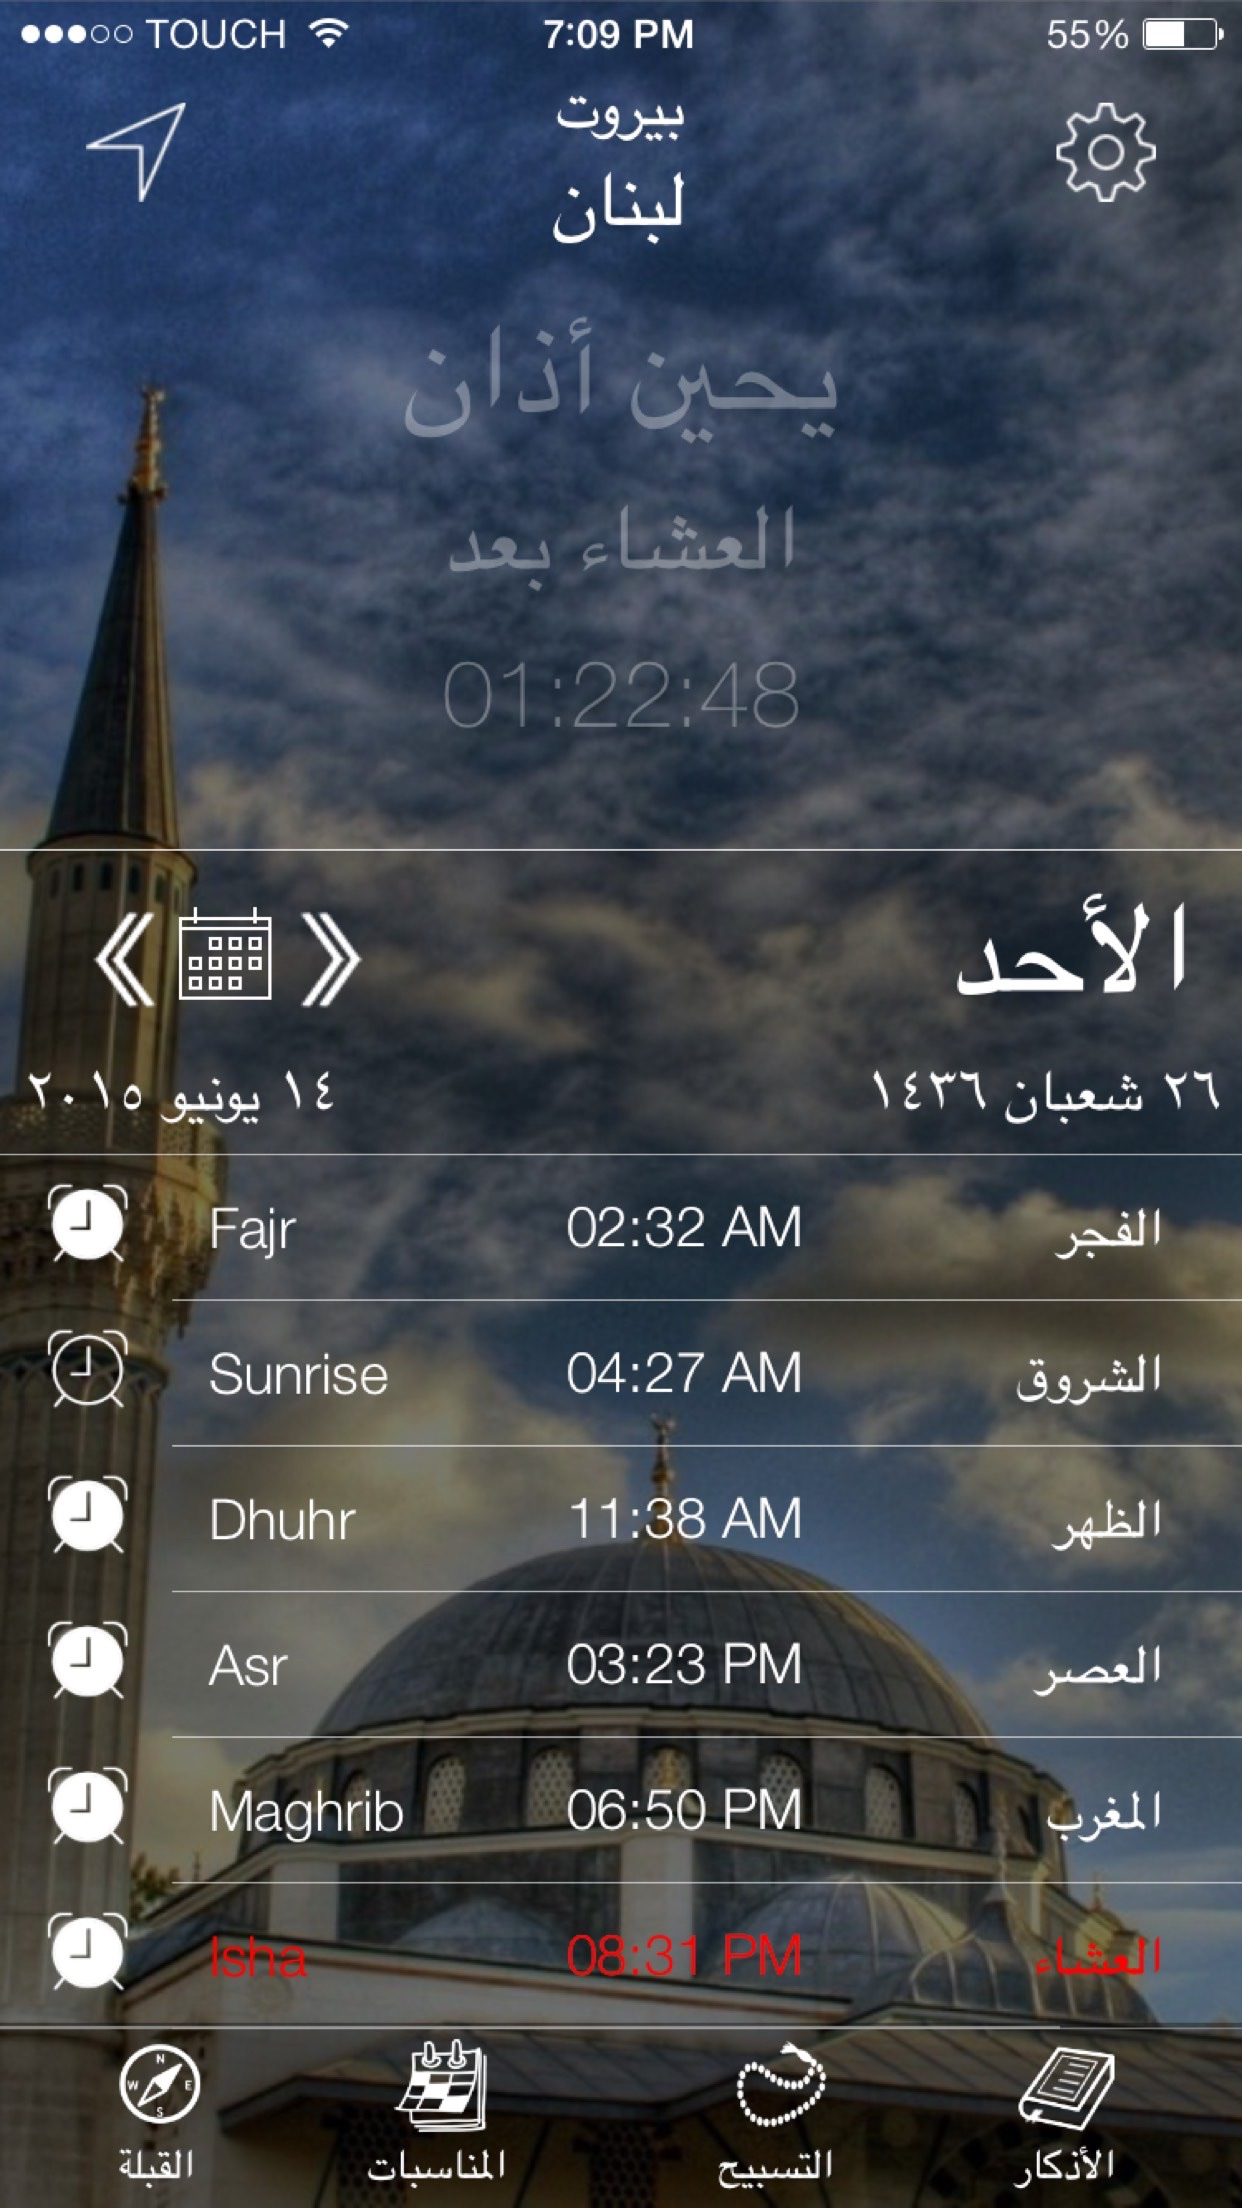 مواقيت الصلاة Screenshot